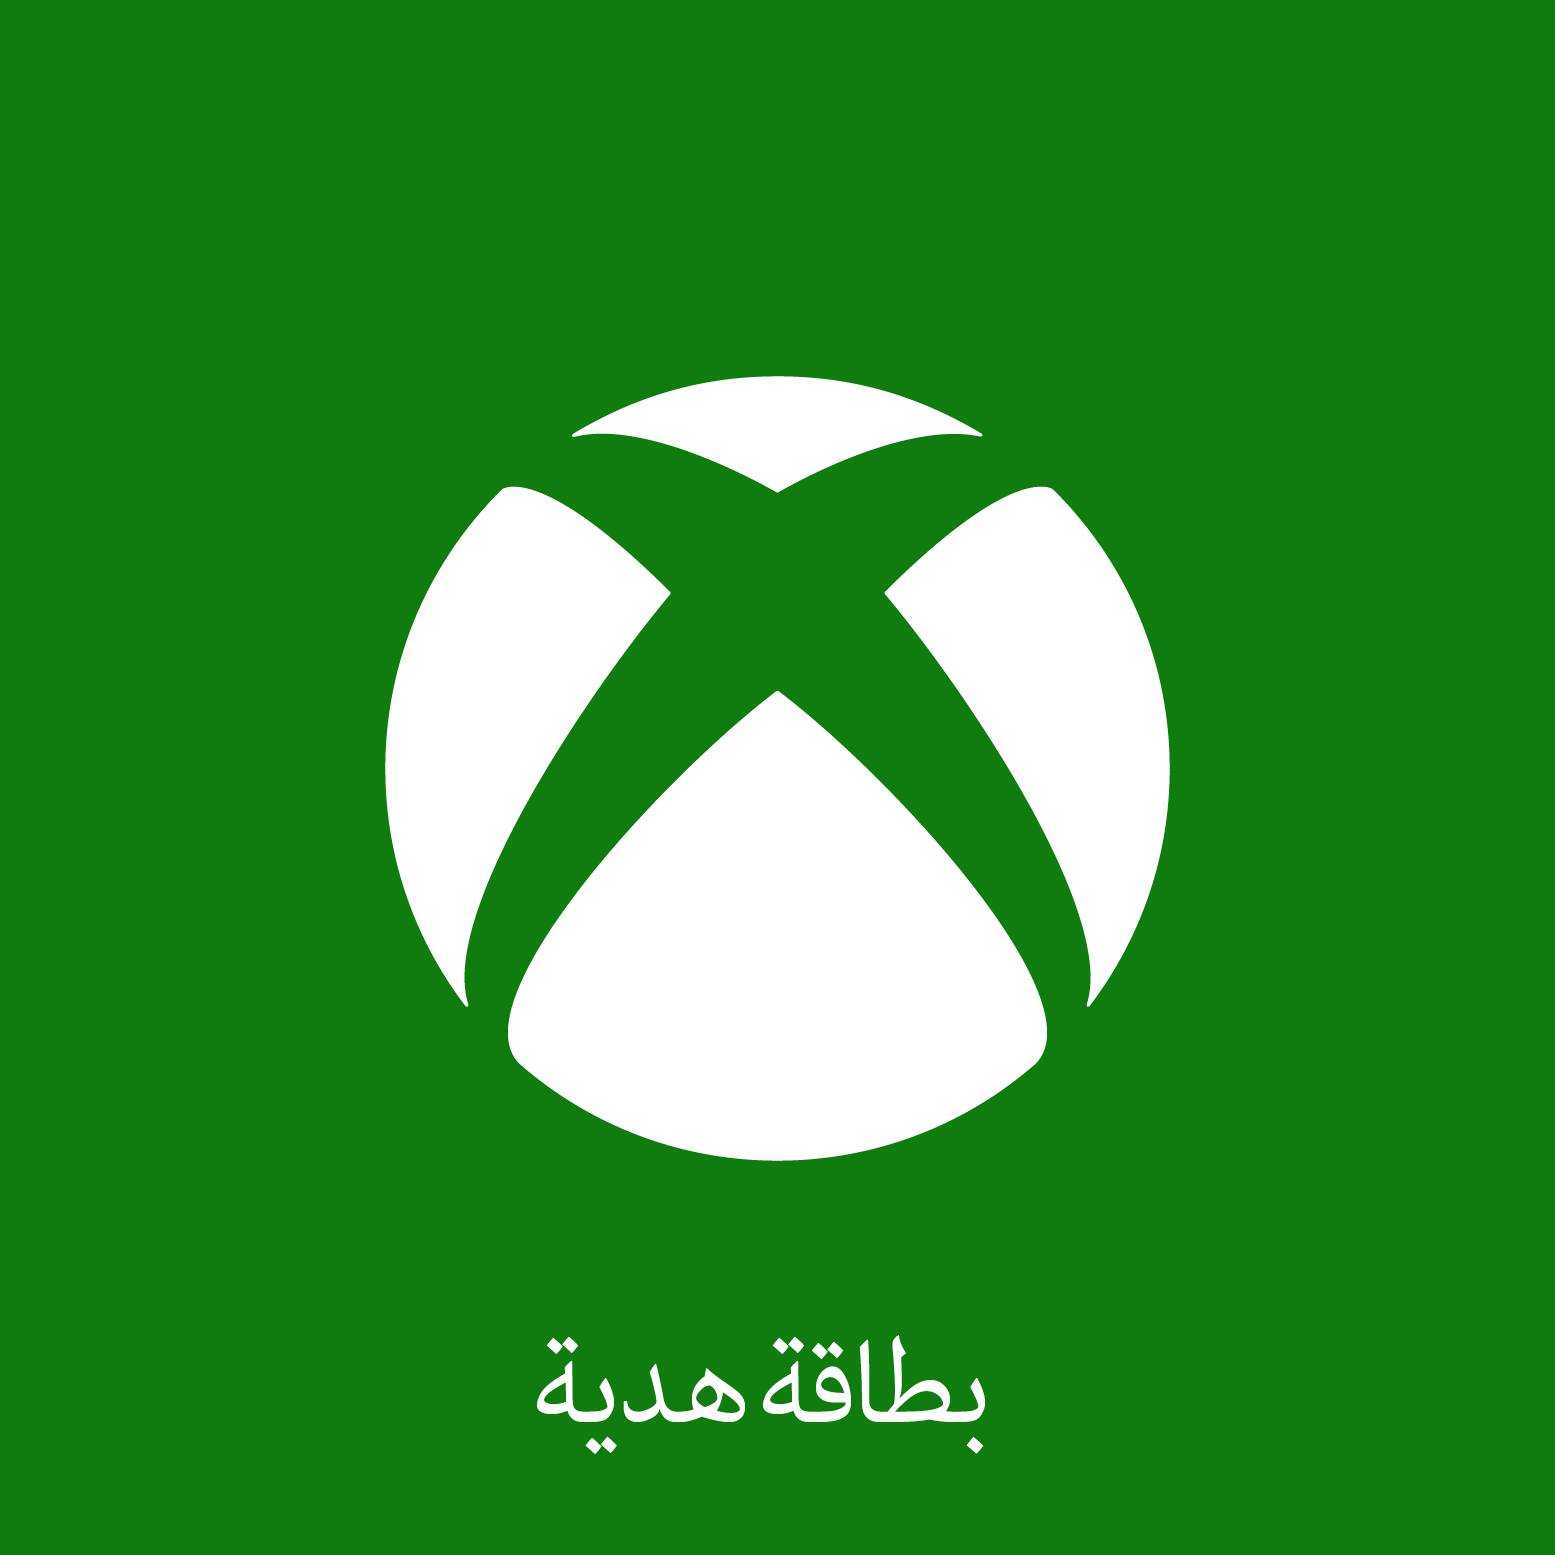 بطاقة هدايا Xbox – الرمز الرقمي